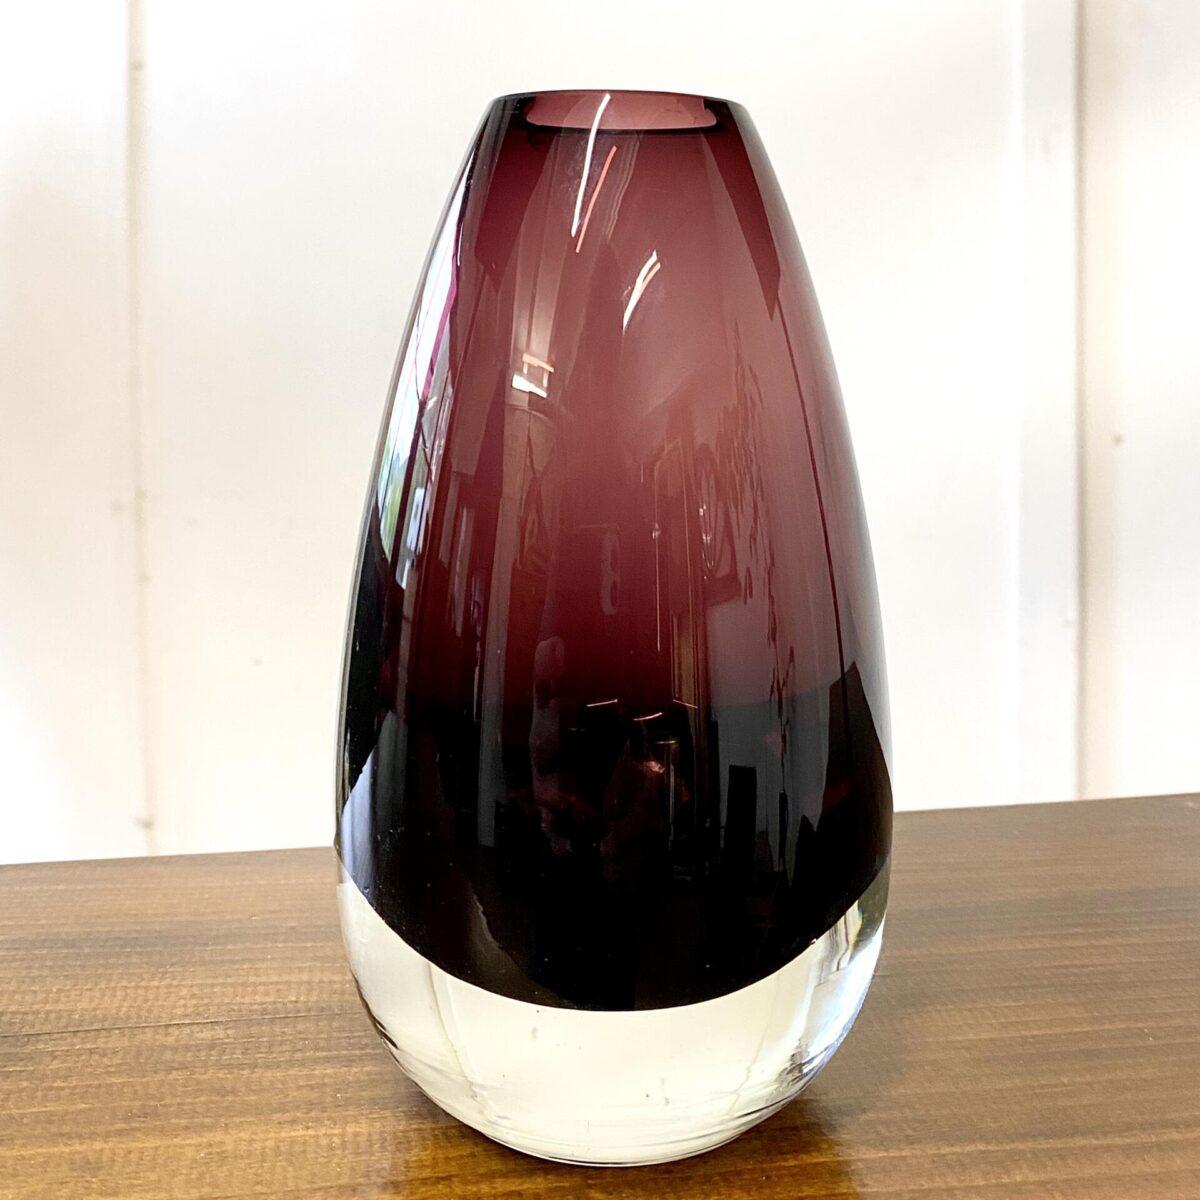 Deuxieme.shop midcentury kristallglas. Finnische Glasvase aus den 60er Jahren, von Tamara Aladin für Riihimaki/Riihimaen Lasi Oy. Durchmesser 10cm Höhe 21cm. Die Vase hat ein kleinen Schaden an der oberen Innenkante.